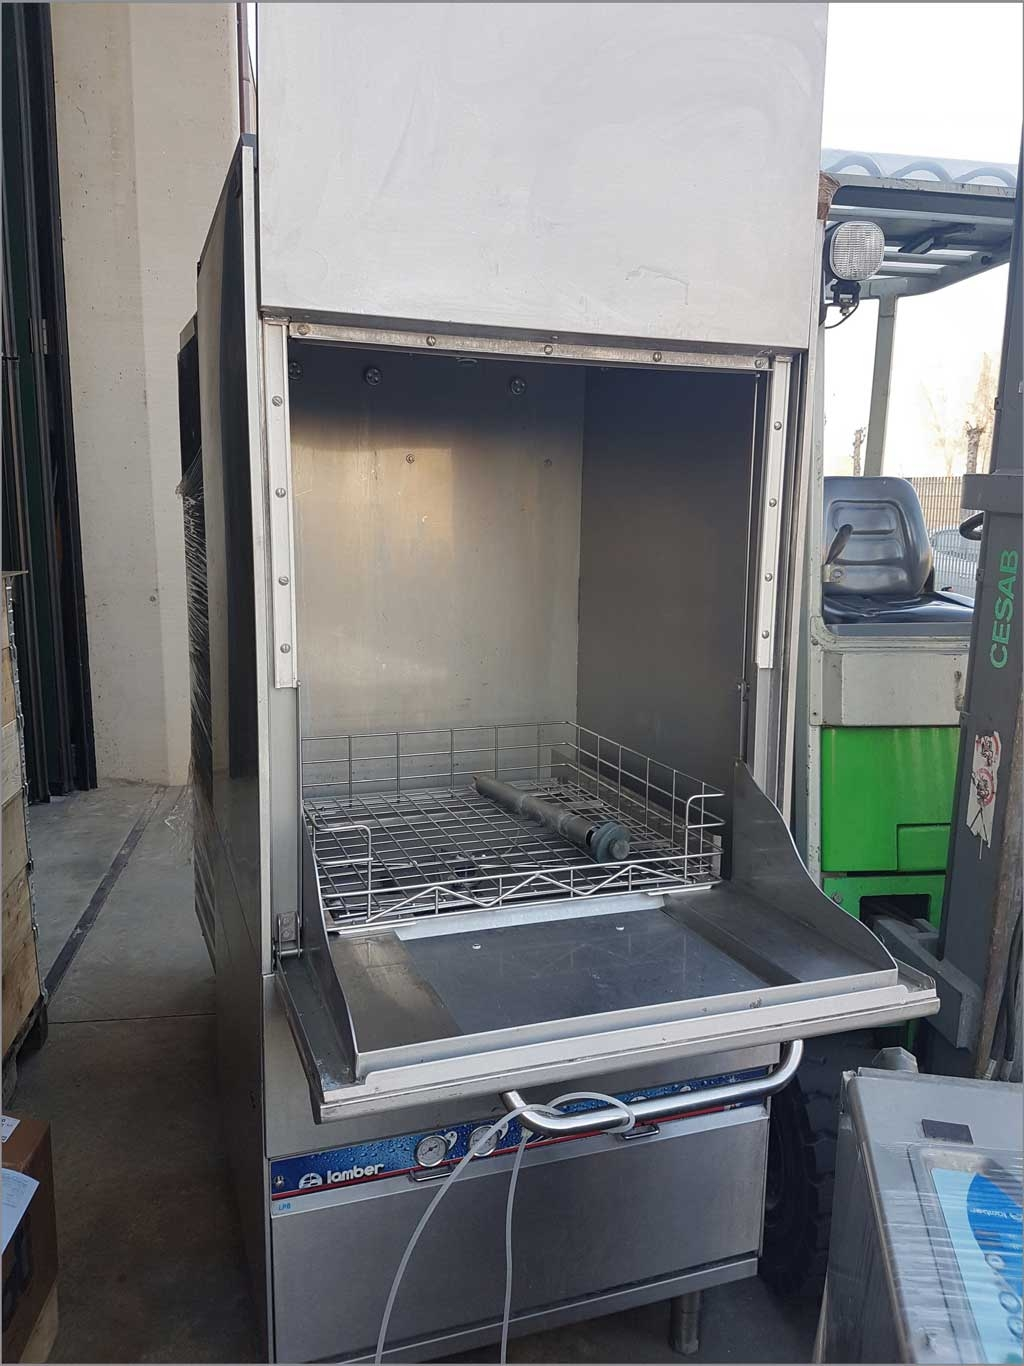 Stock vasche lavaggio a caldo cestello 700x700, professionali ad acqua calda con ugelli sotto e sopra cestello, lavaggio 360 gradi. Usate un nulla da un stock asta aggiudicata.